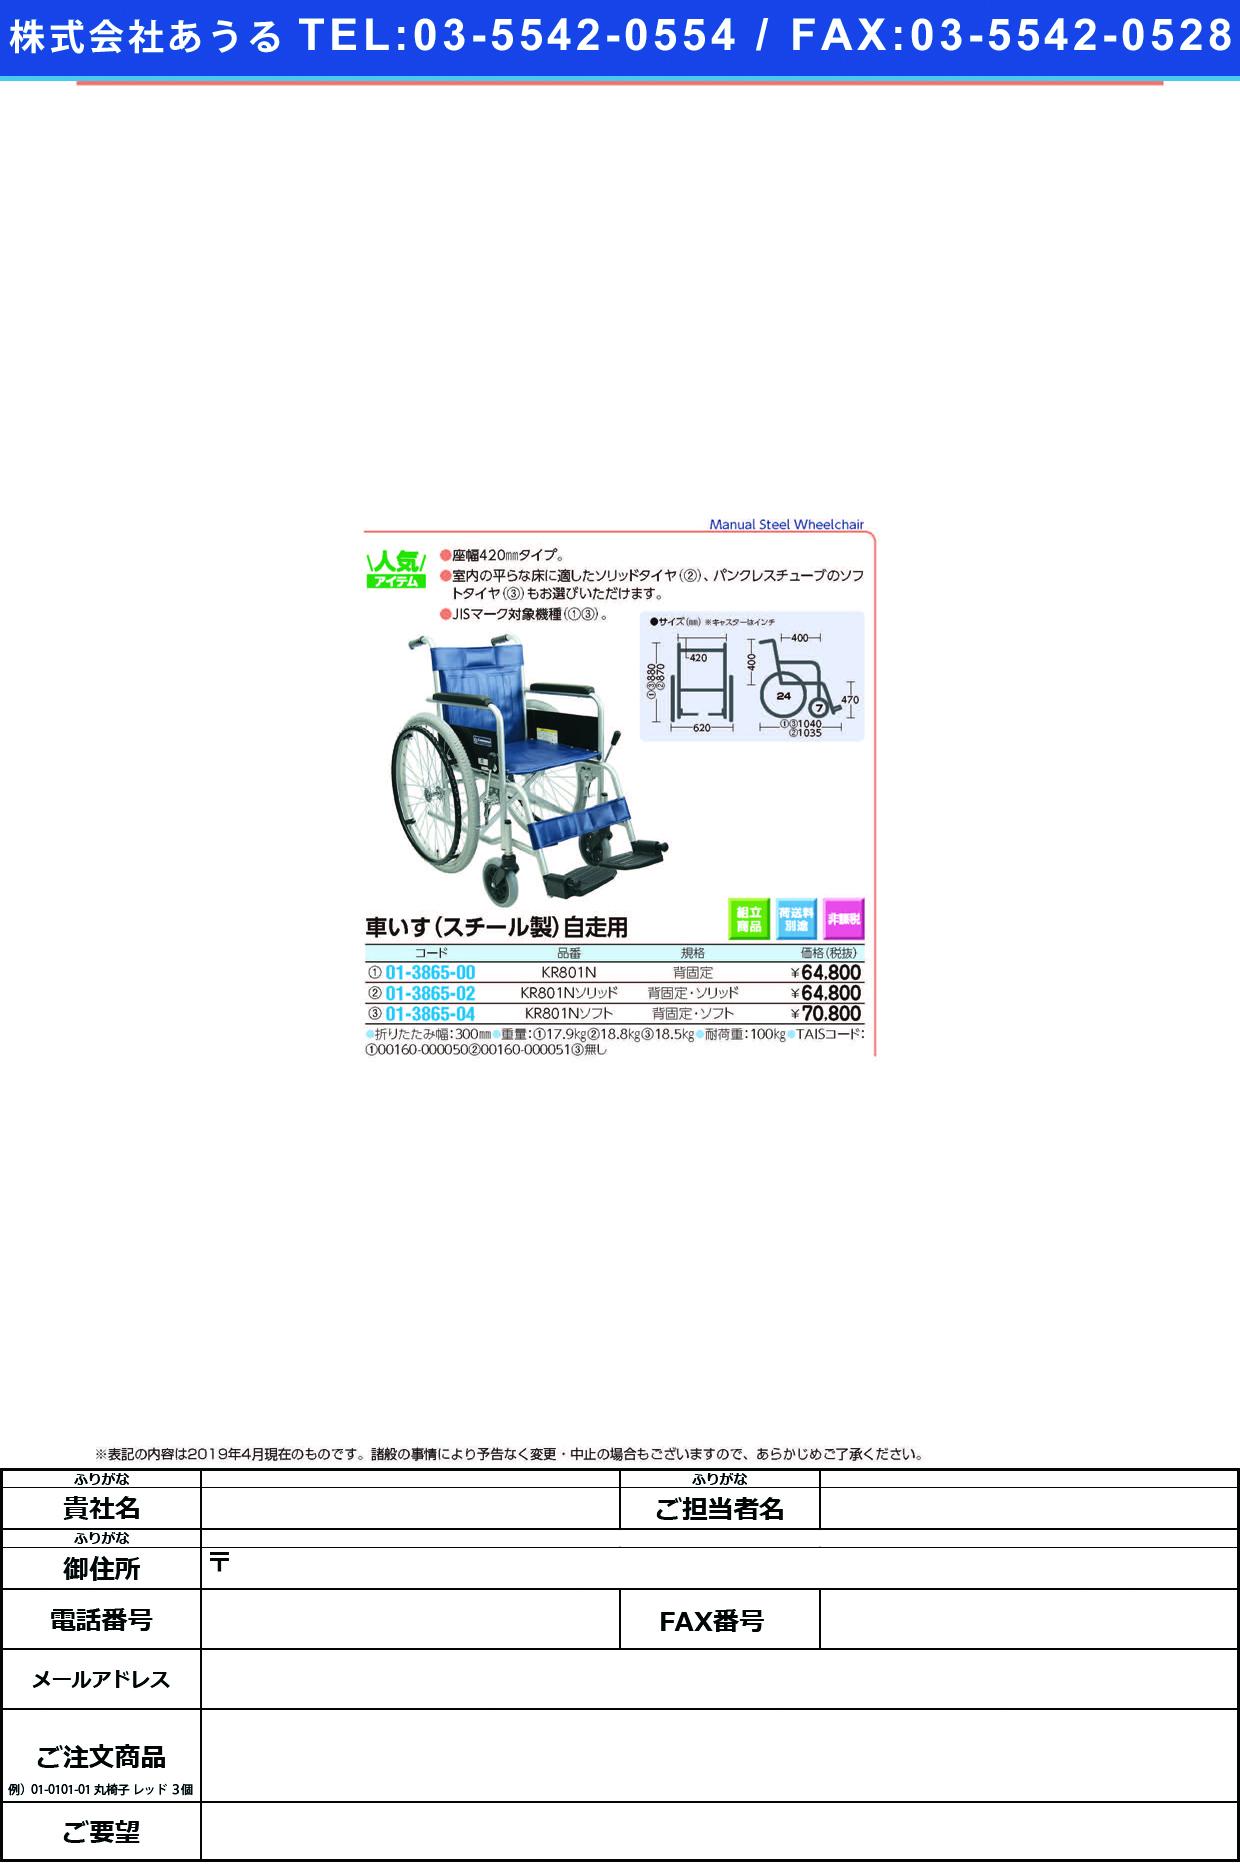 (01-3865-00)車いす(自走用・スチール製)背固定式 KR801N クルマイス(ジソウシキ・スチールセイ)(カワムラサイクル)【1台単位】【2019年カタログ商品】